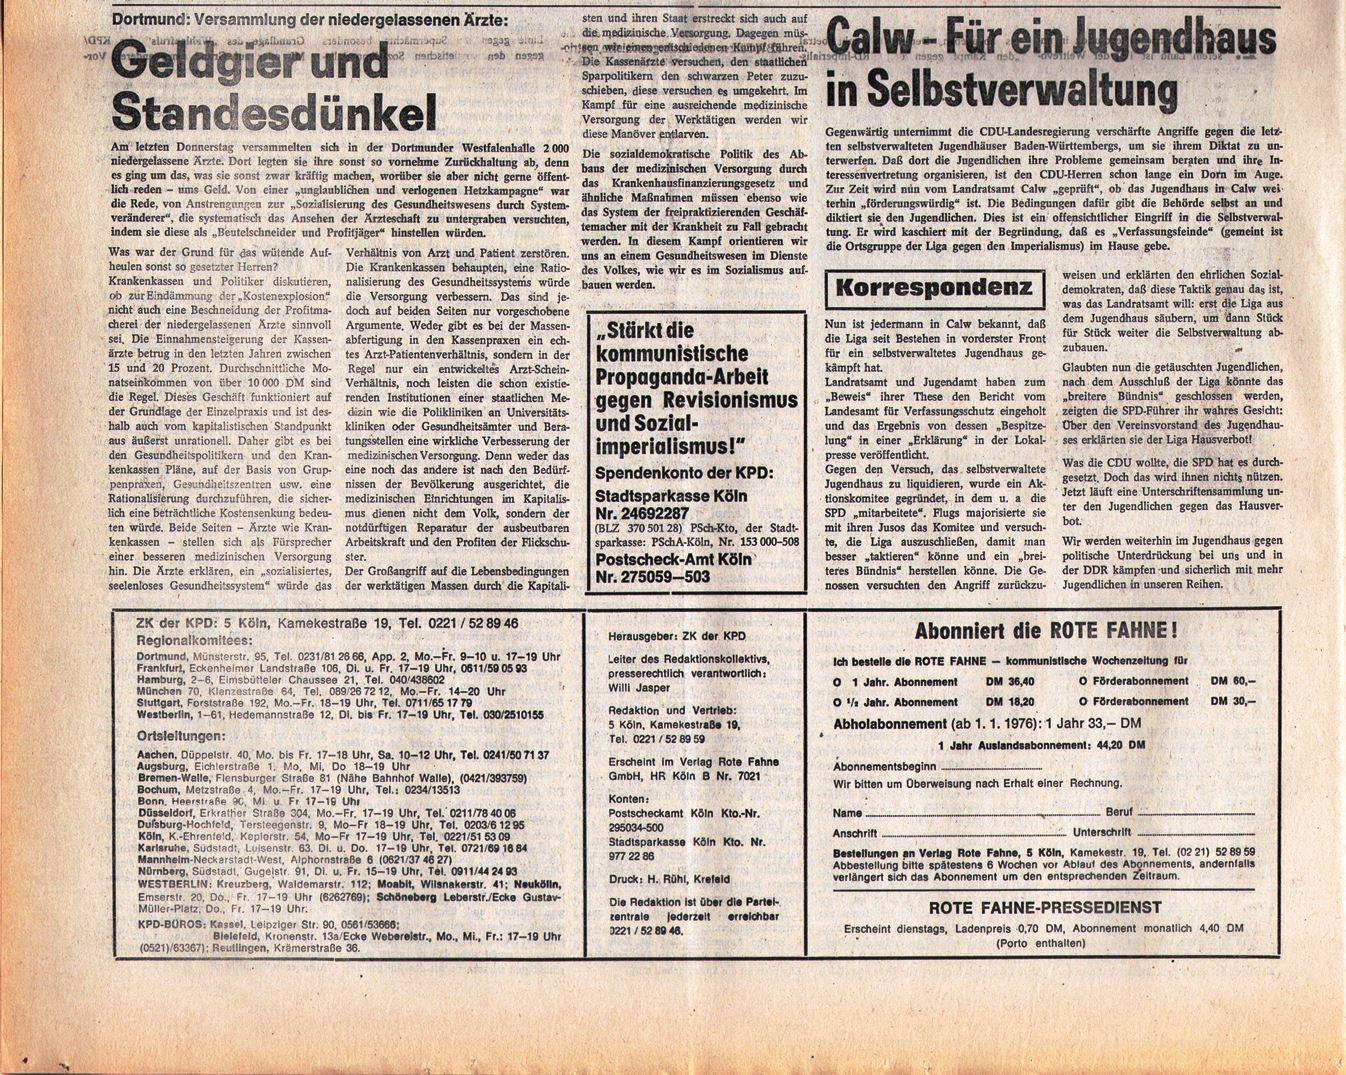 KPD_Rote_Fahne_1976_09_12